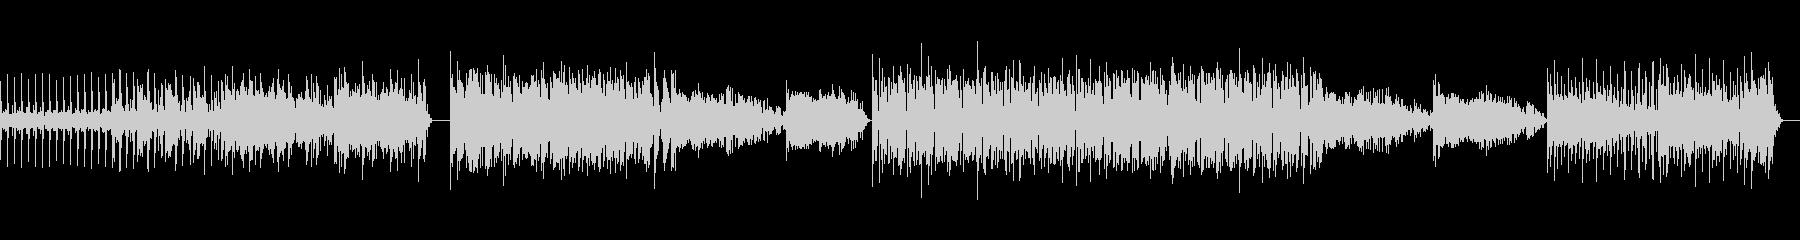 不思議な重低音変速ビートのテクノ の曲の未再生の波形